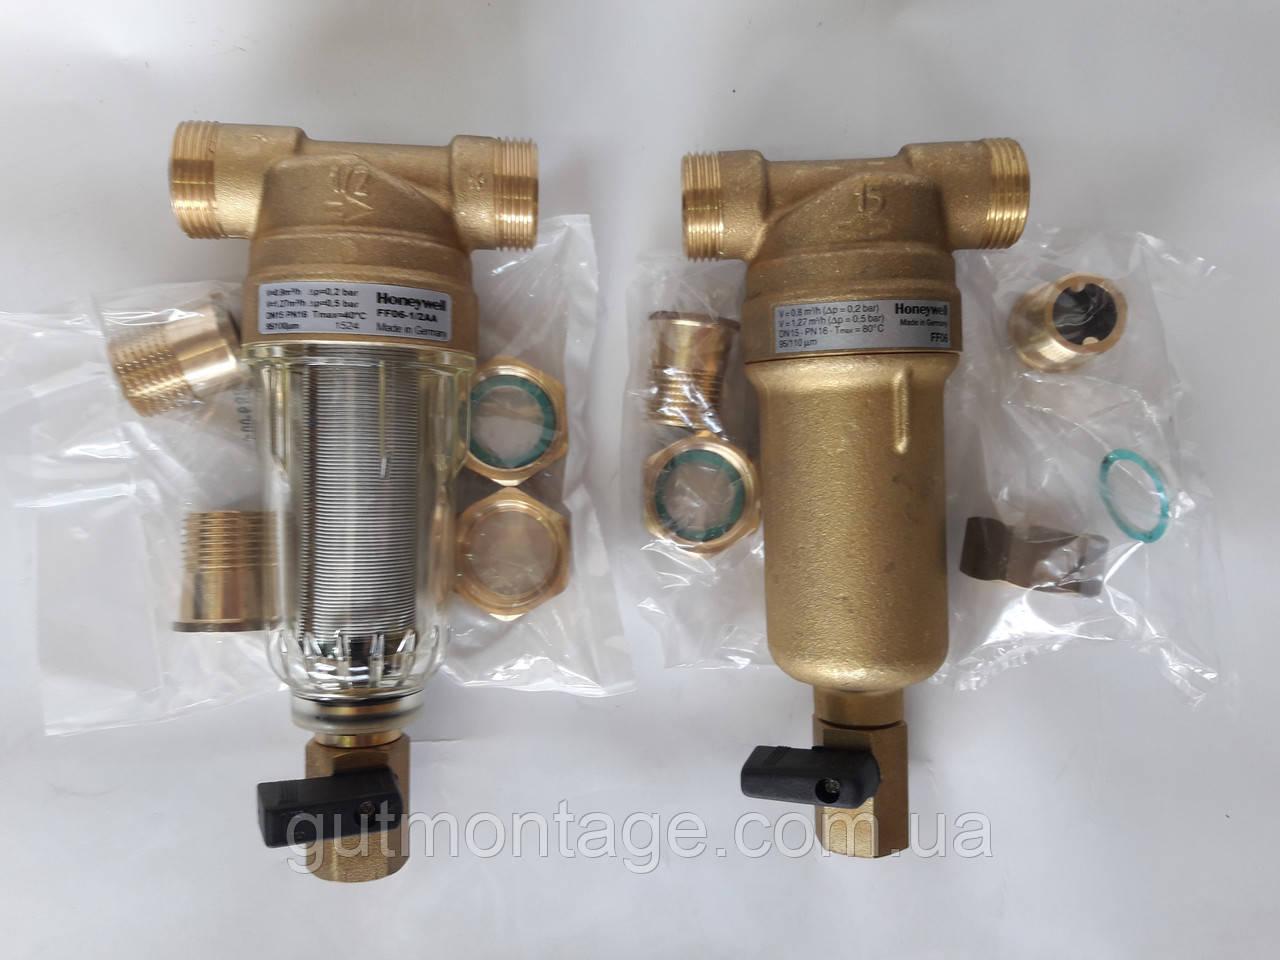 Комплект фильтров для квартиры Honeywell Германия FF06 1/2AA и 1/2ААМ.